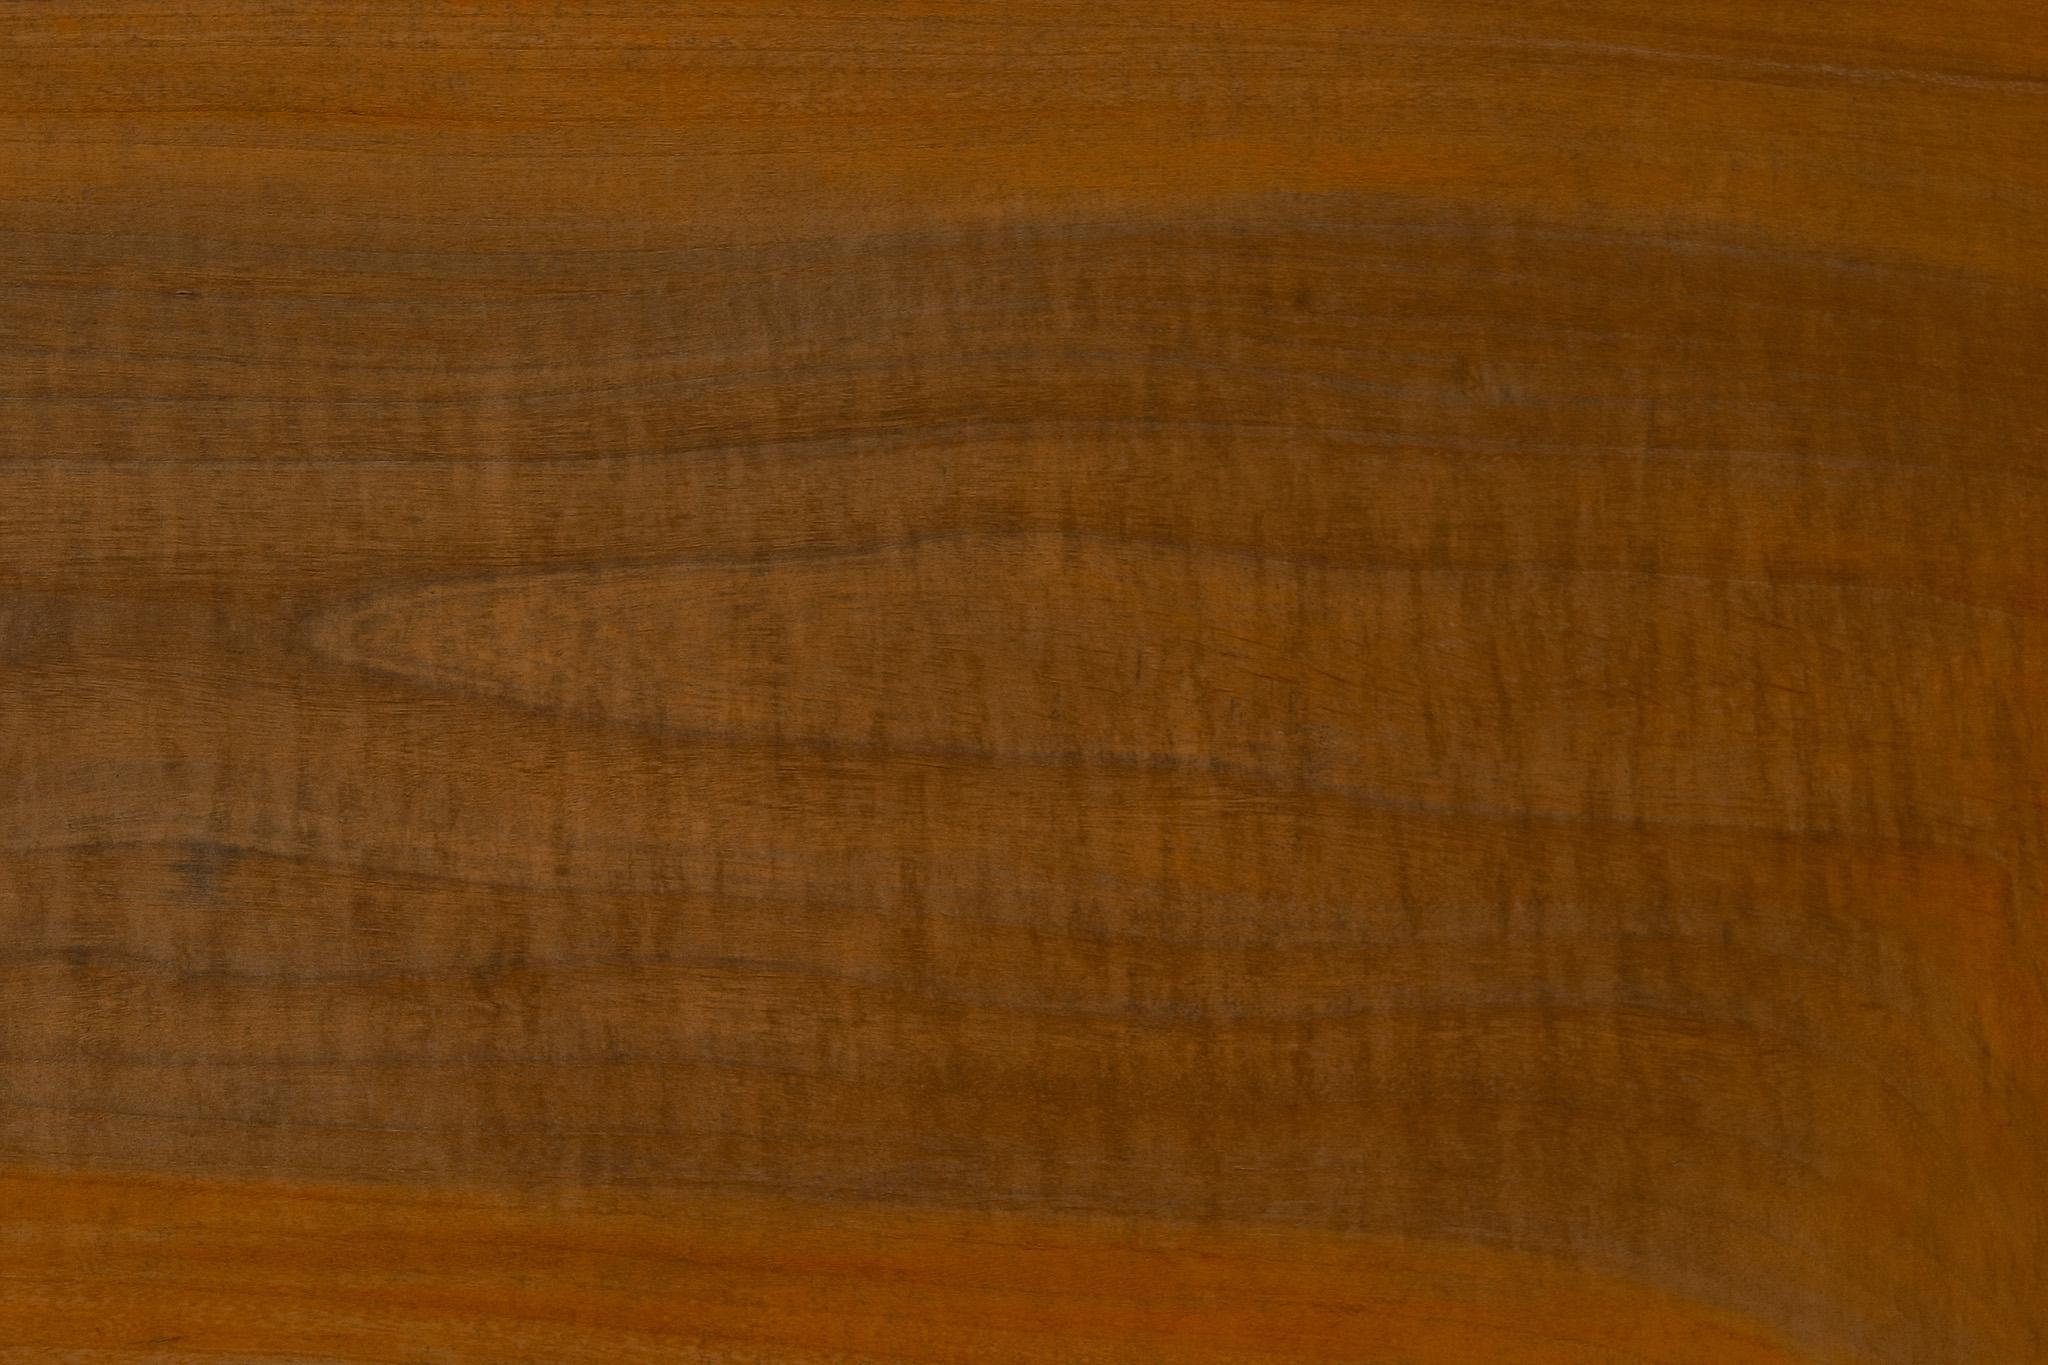 「使い込んだ古い木の板」